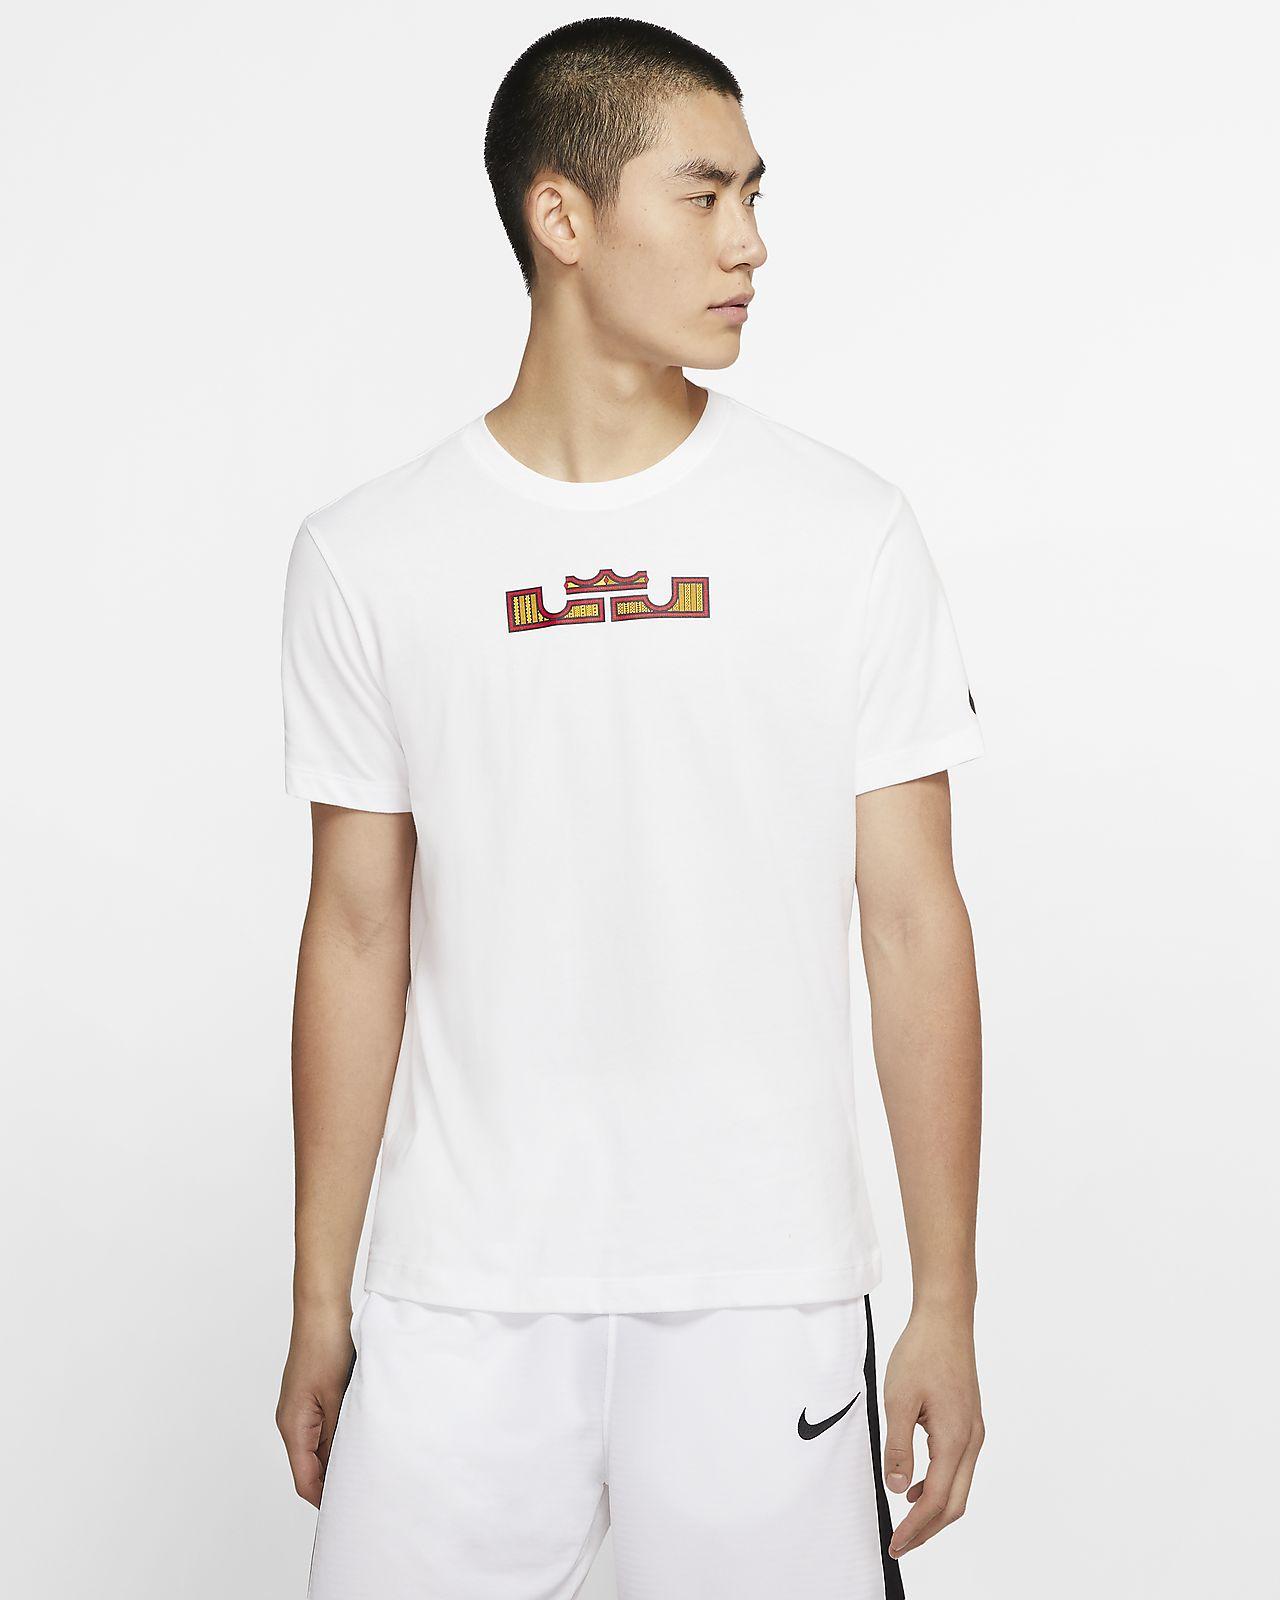 ナイキ Dri-FIT レブロン ロゴ バスケットボール Tシャツ